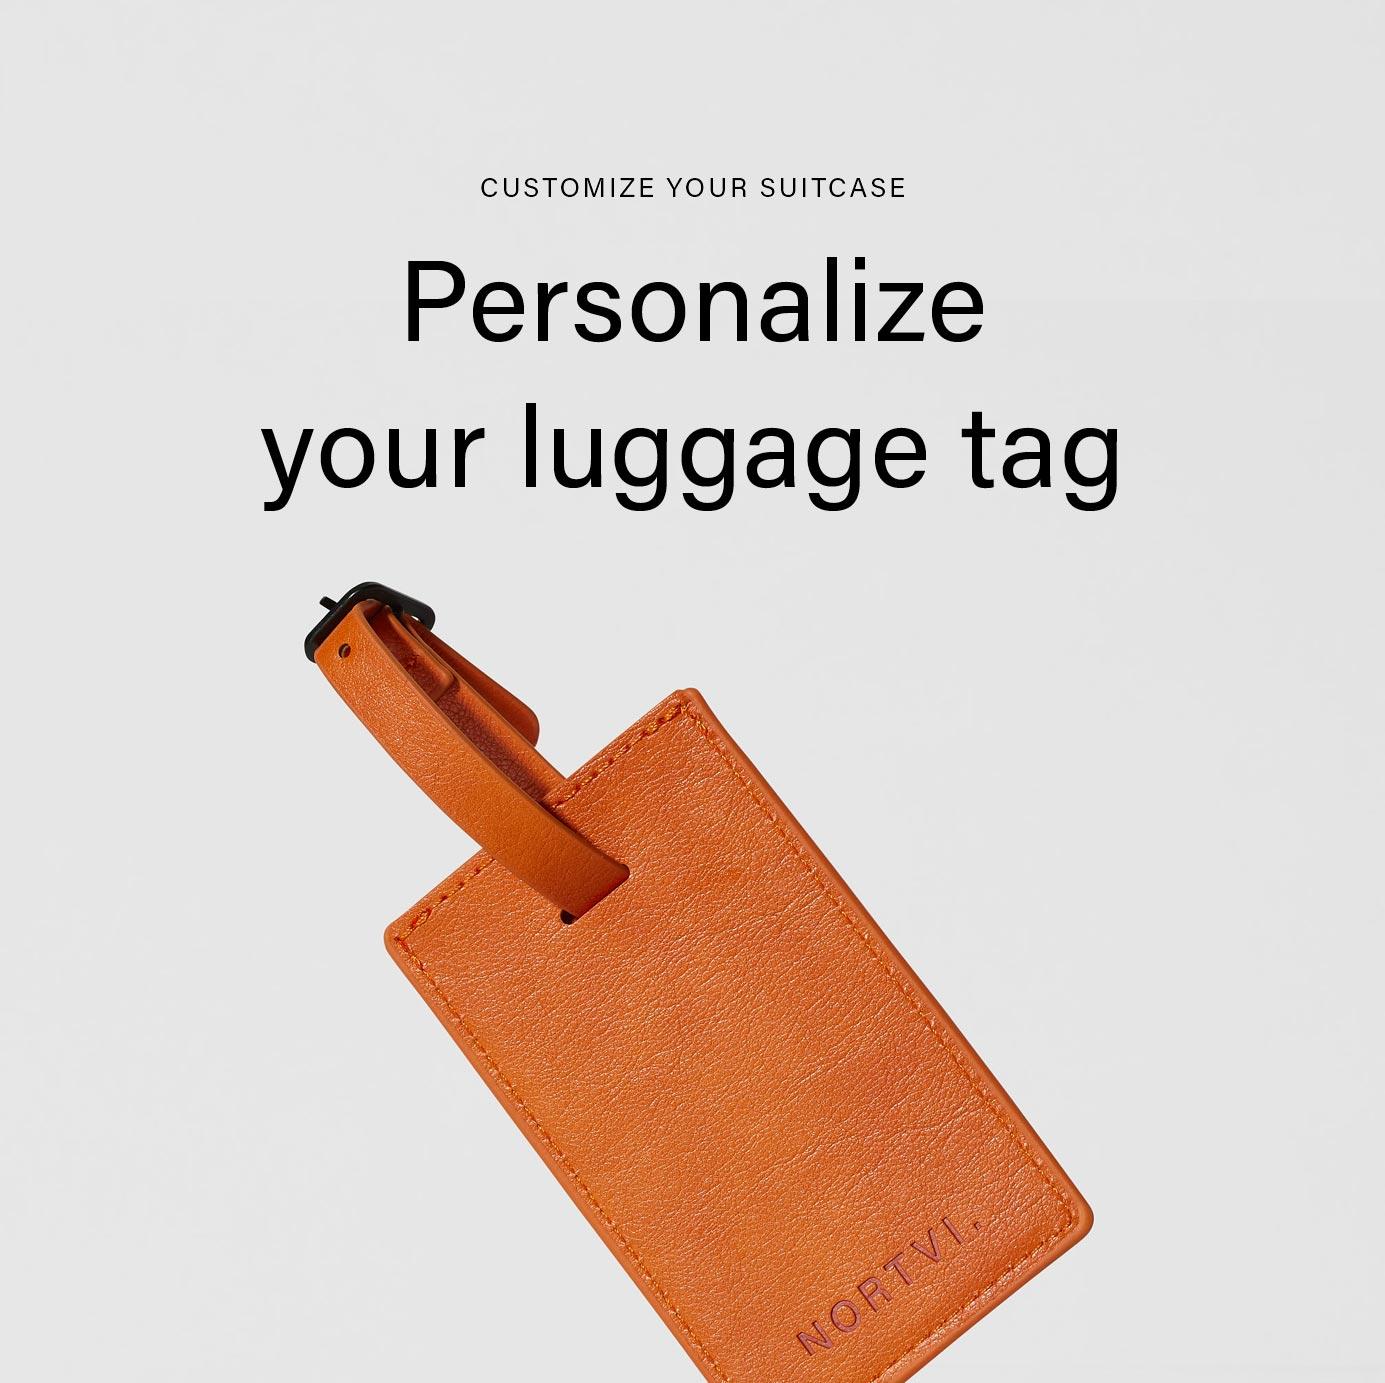 NORTVI luggage tag